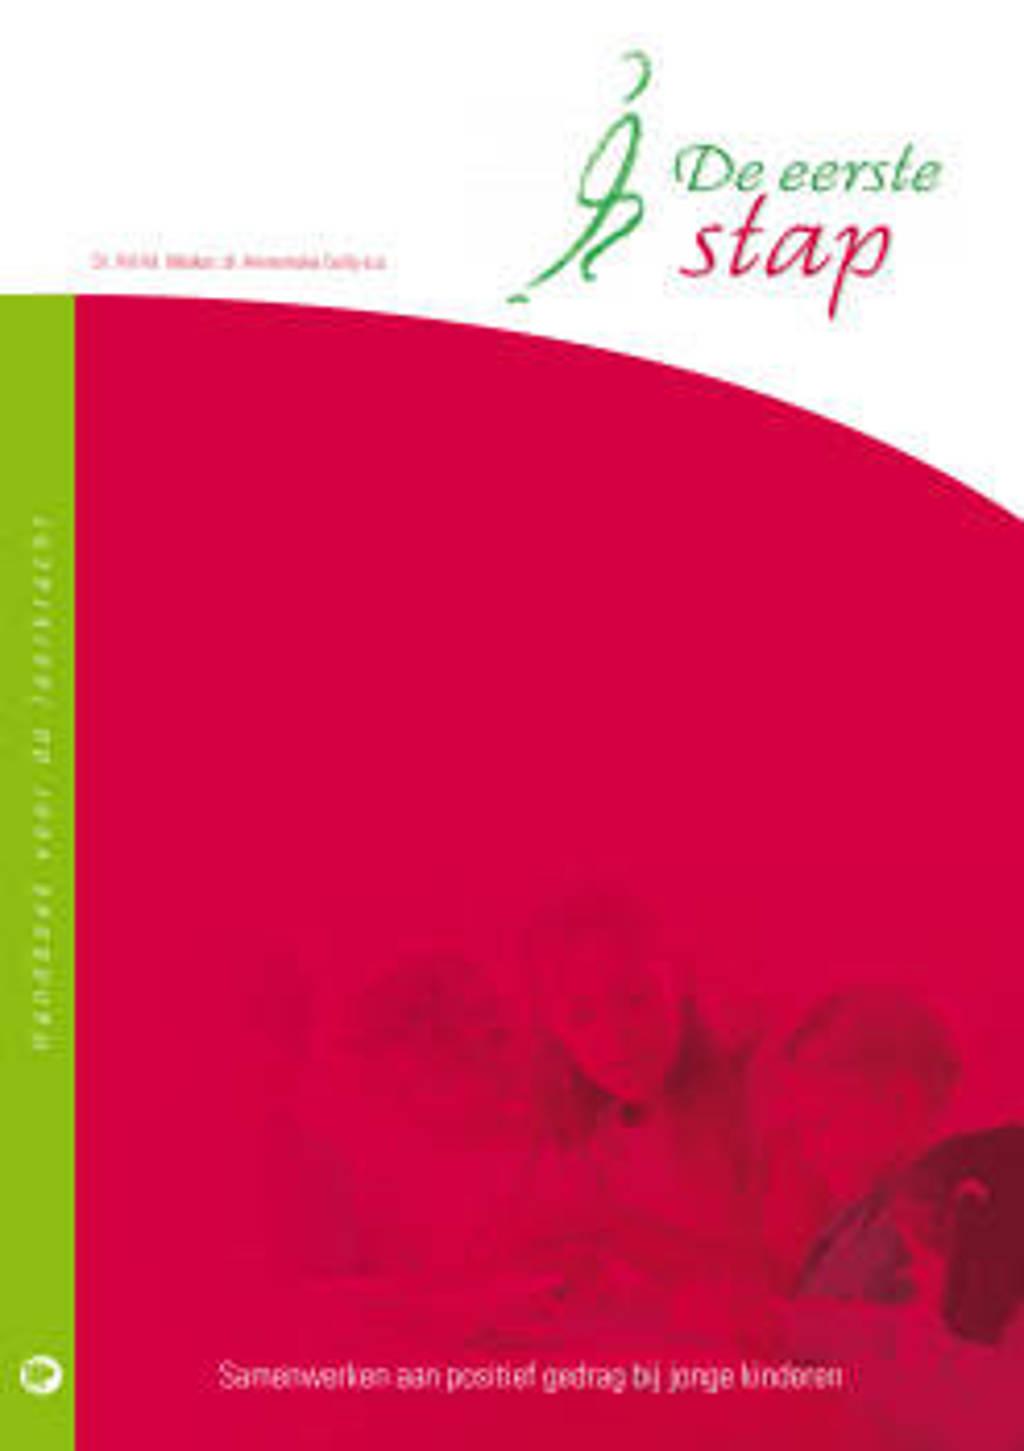 De eerste stap Handboek voor de leerkracht - Hill M Walker en Annemieke Golly